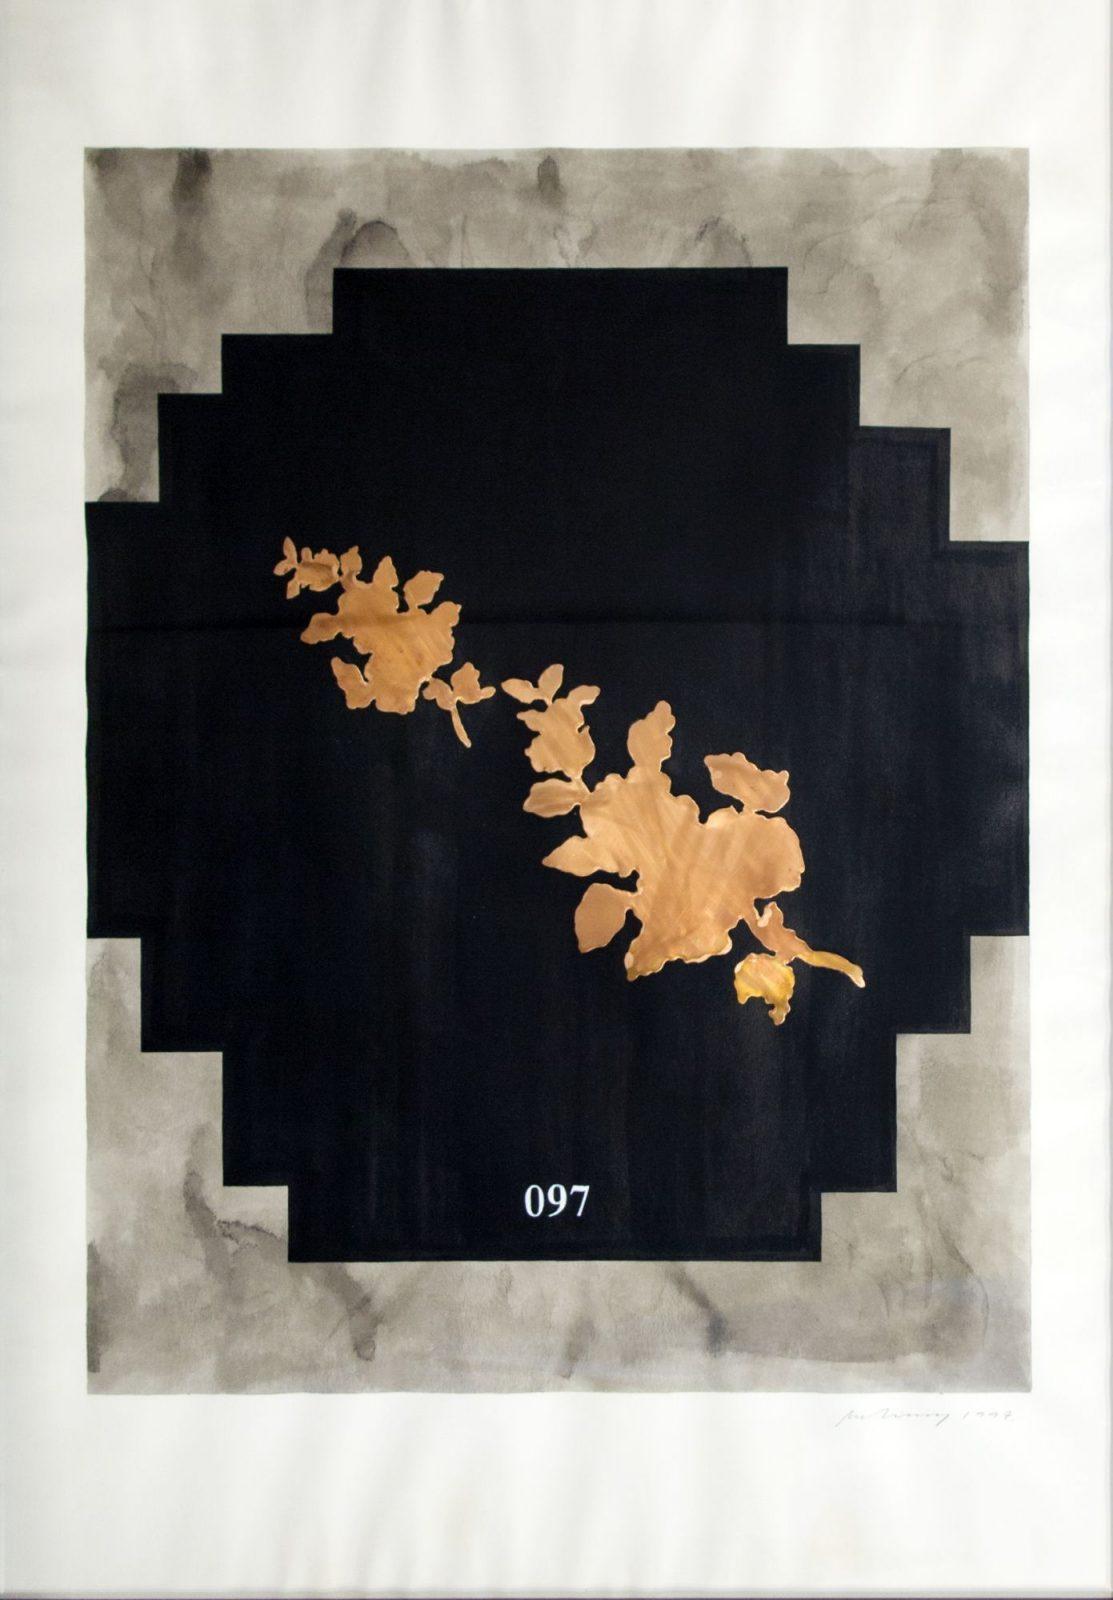 László Mulasics: Untitled 097